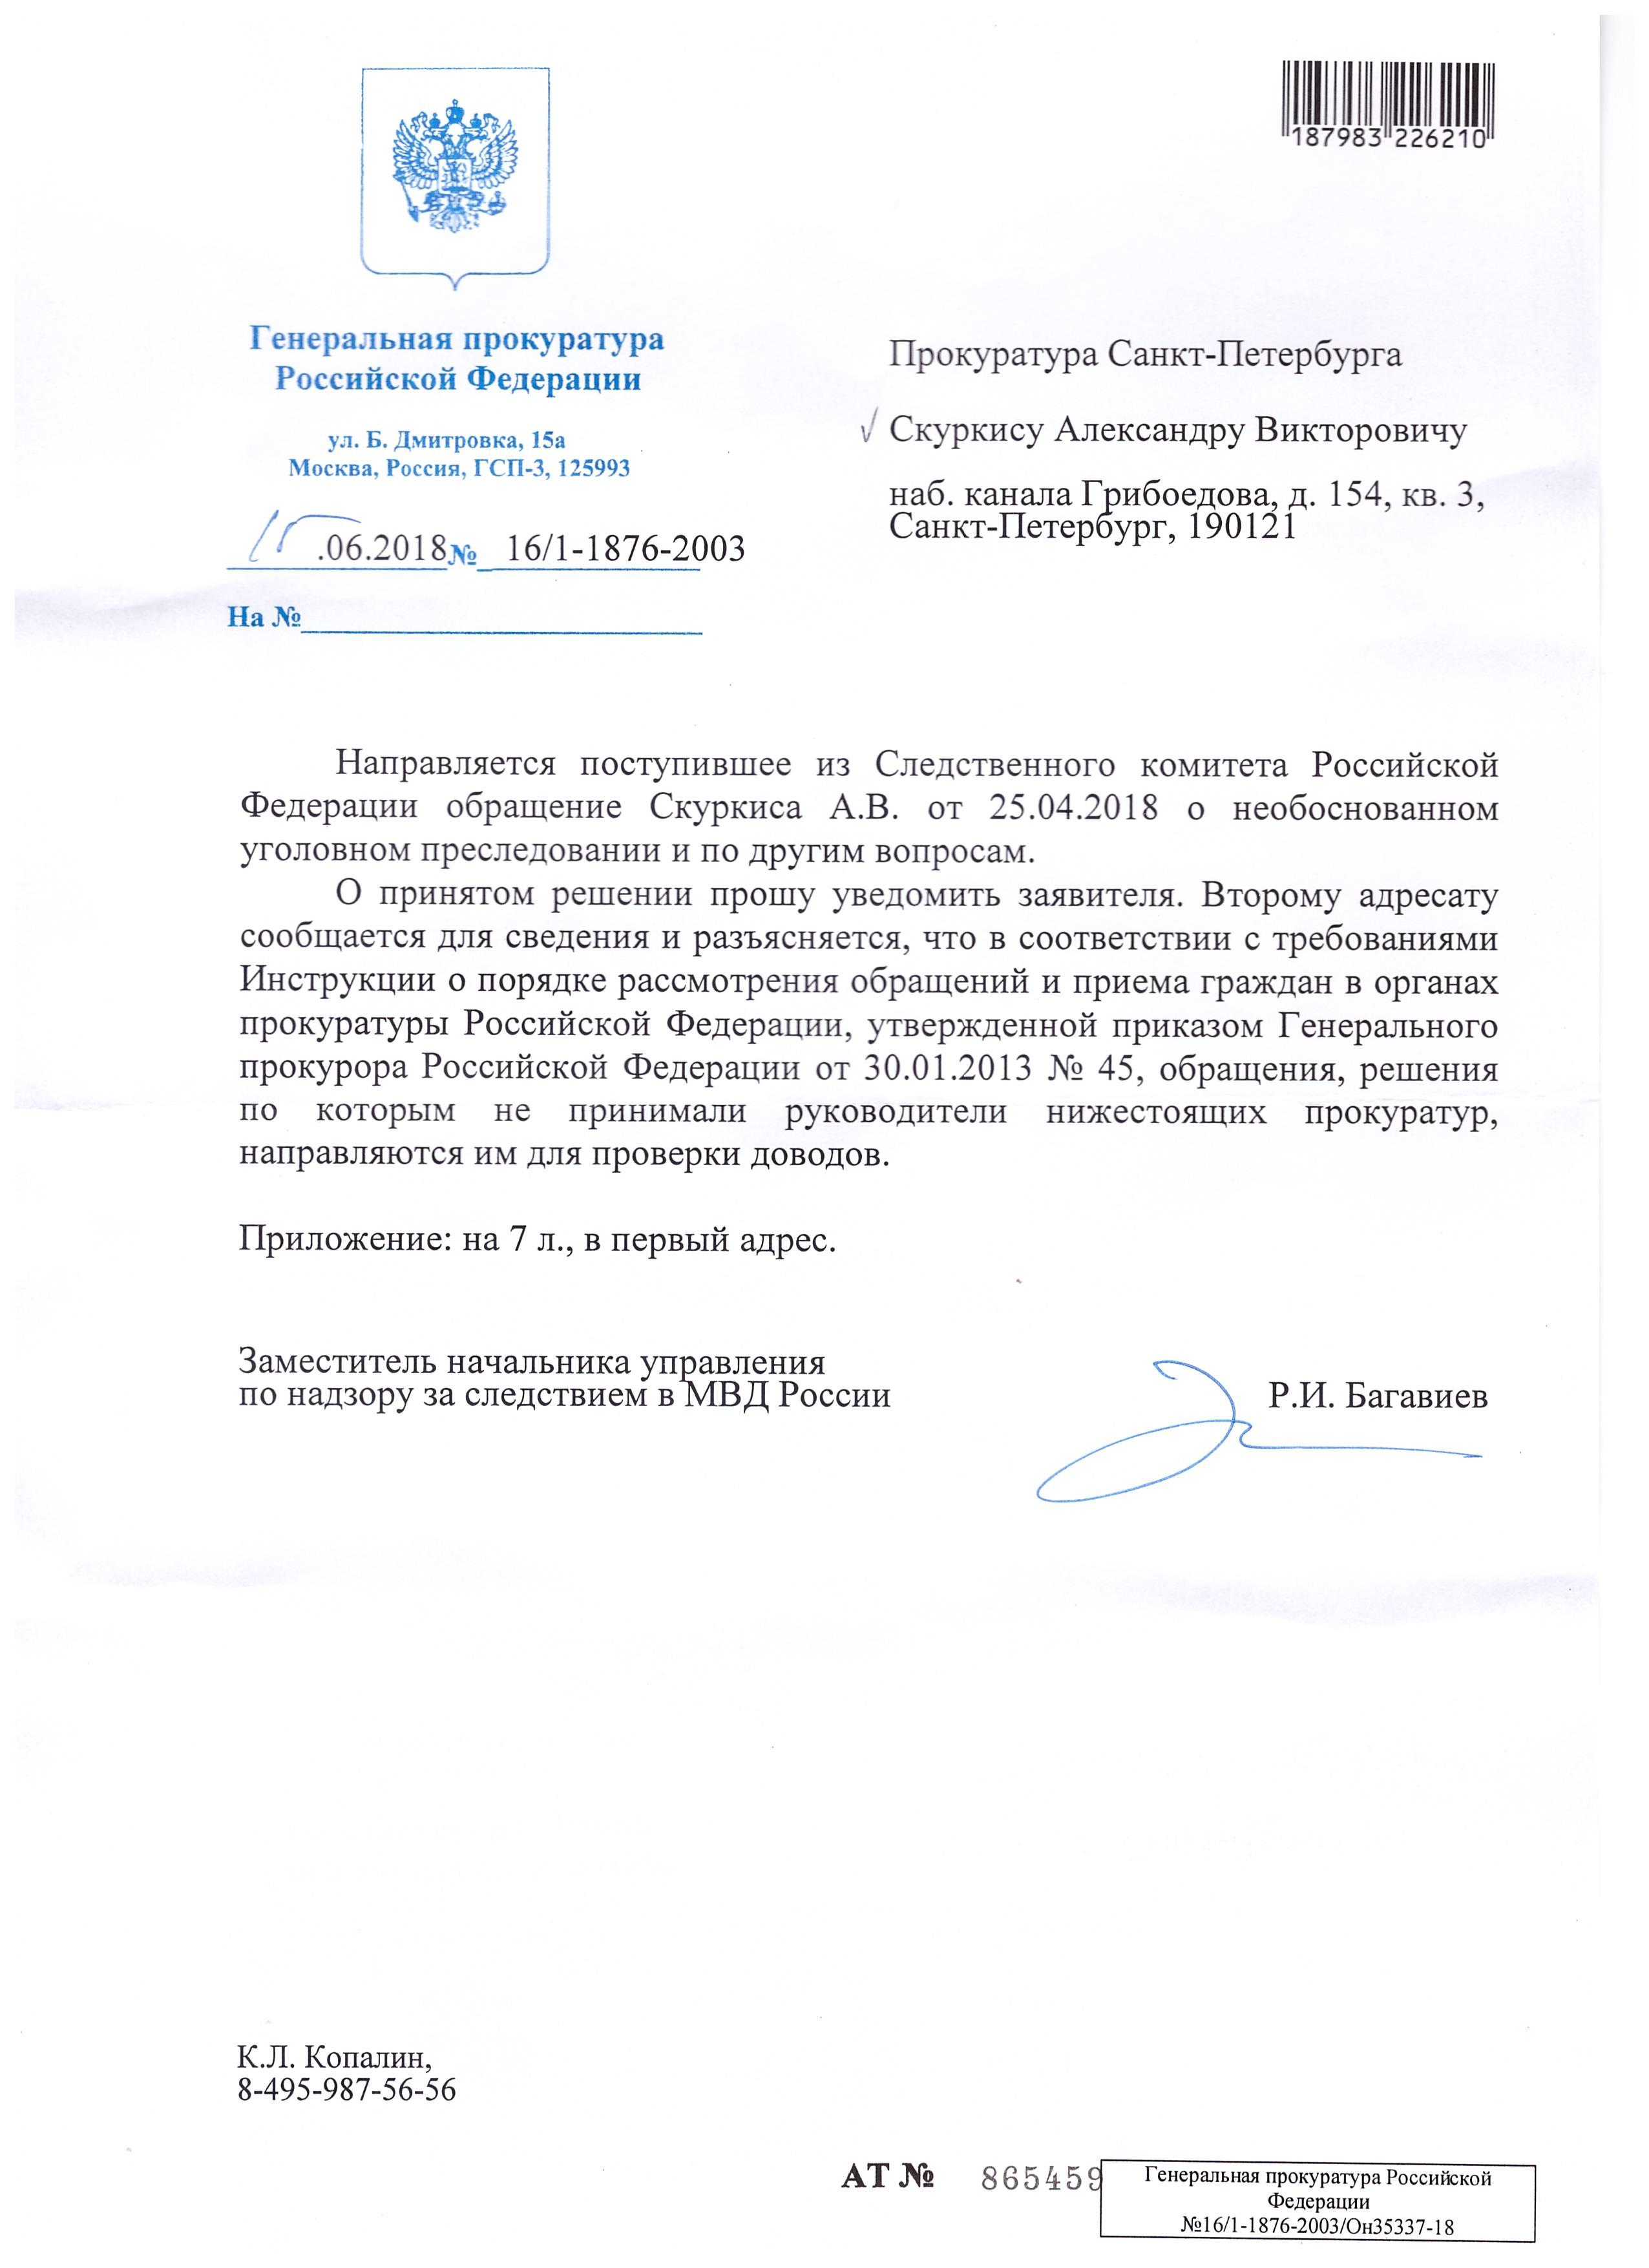 Инструкция по делопроизводству прокуратуры рф | ecgrafap | pinterest.